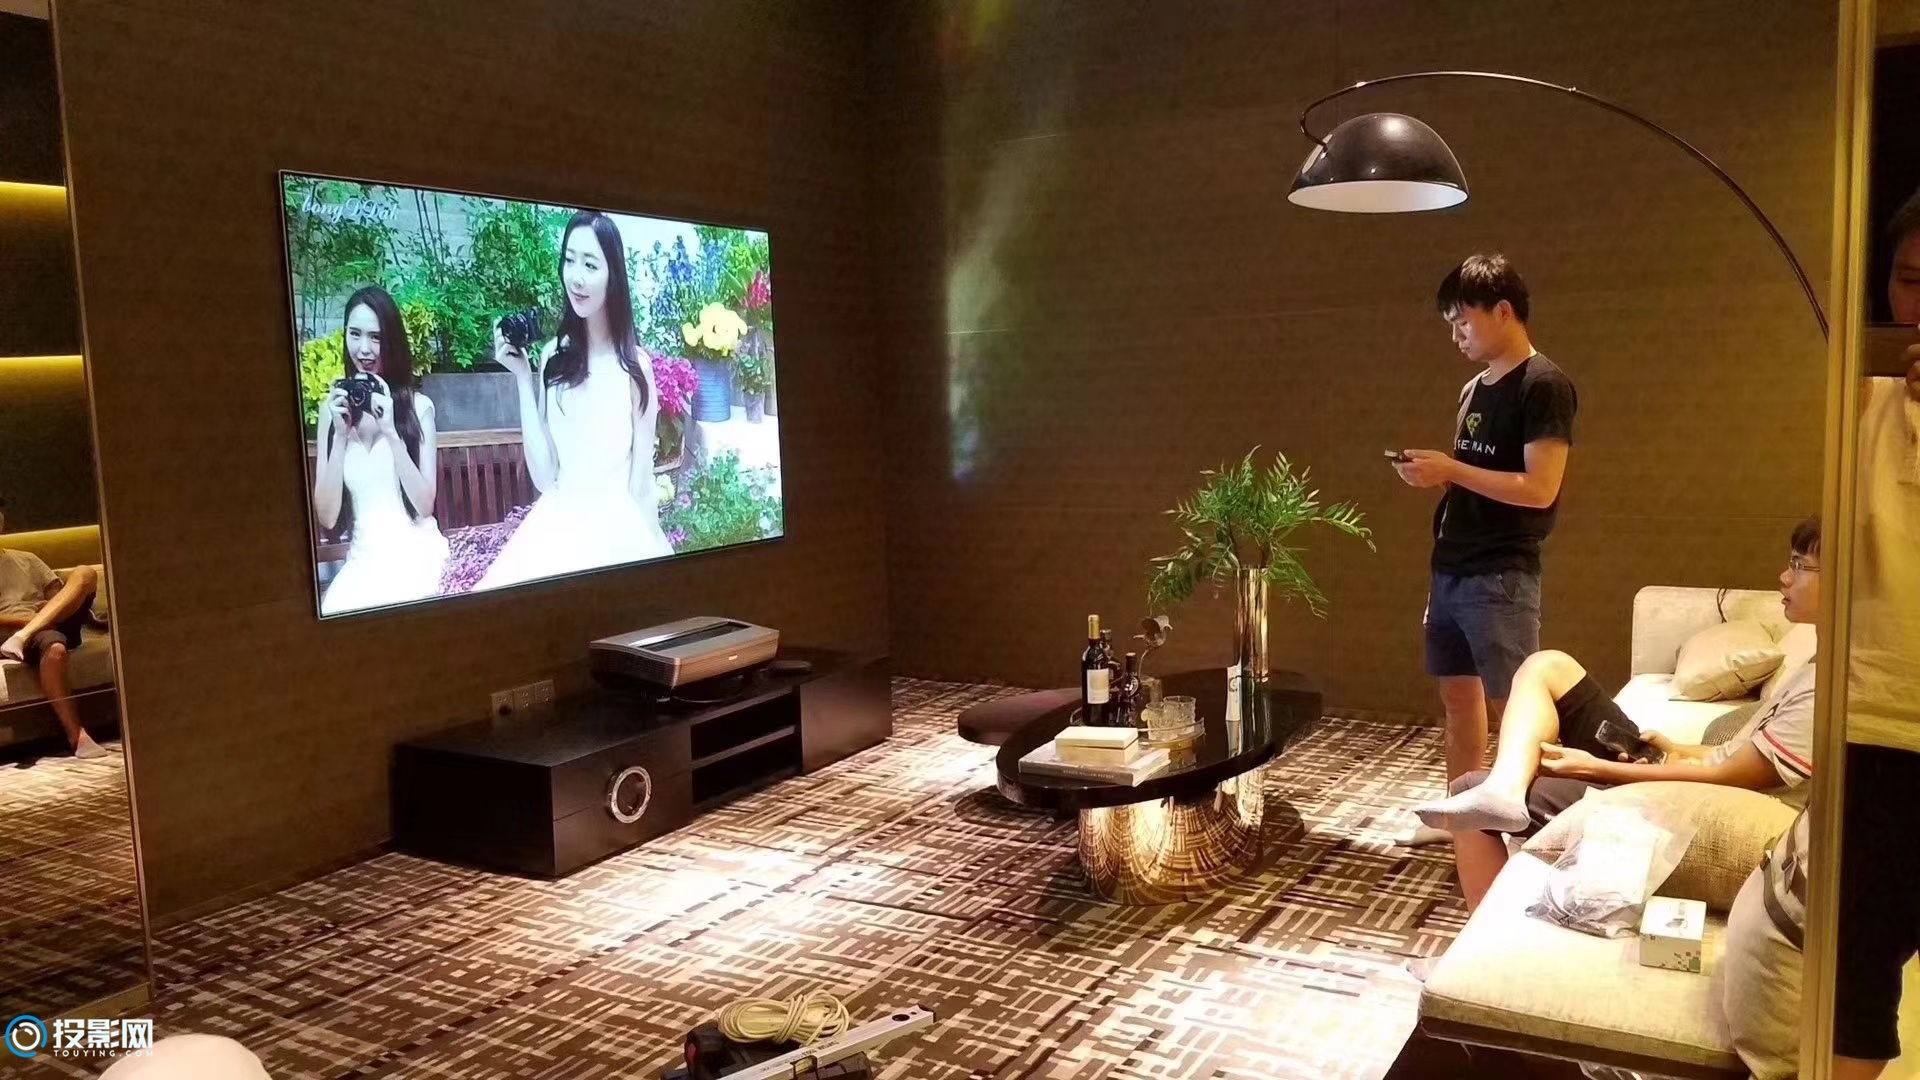 长虹4K激光影院新品C5U参数配置曝光,真机图赏!